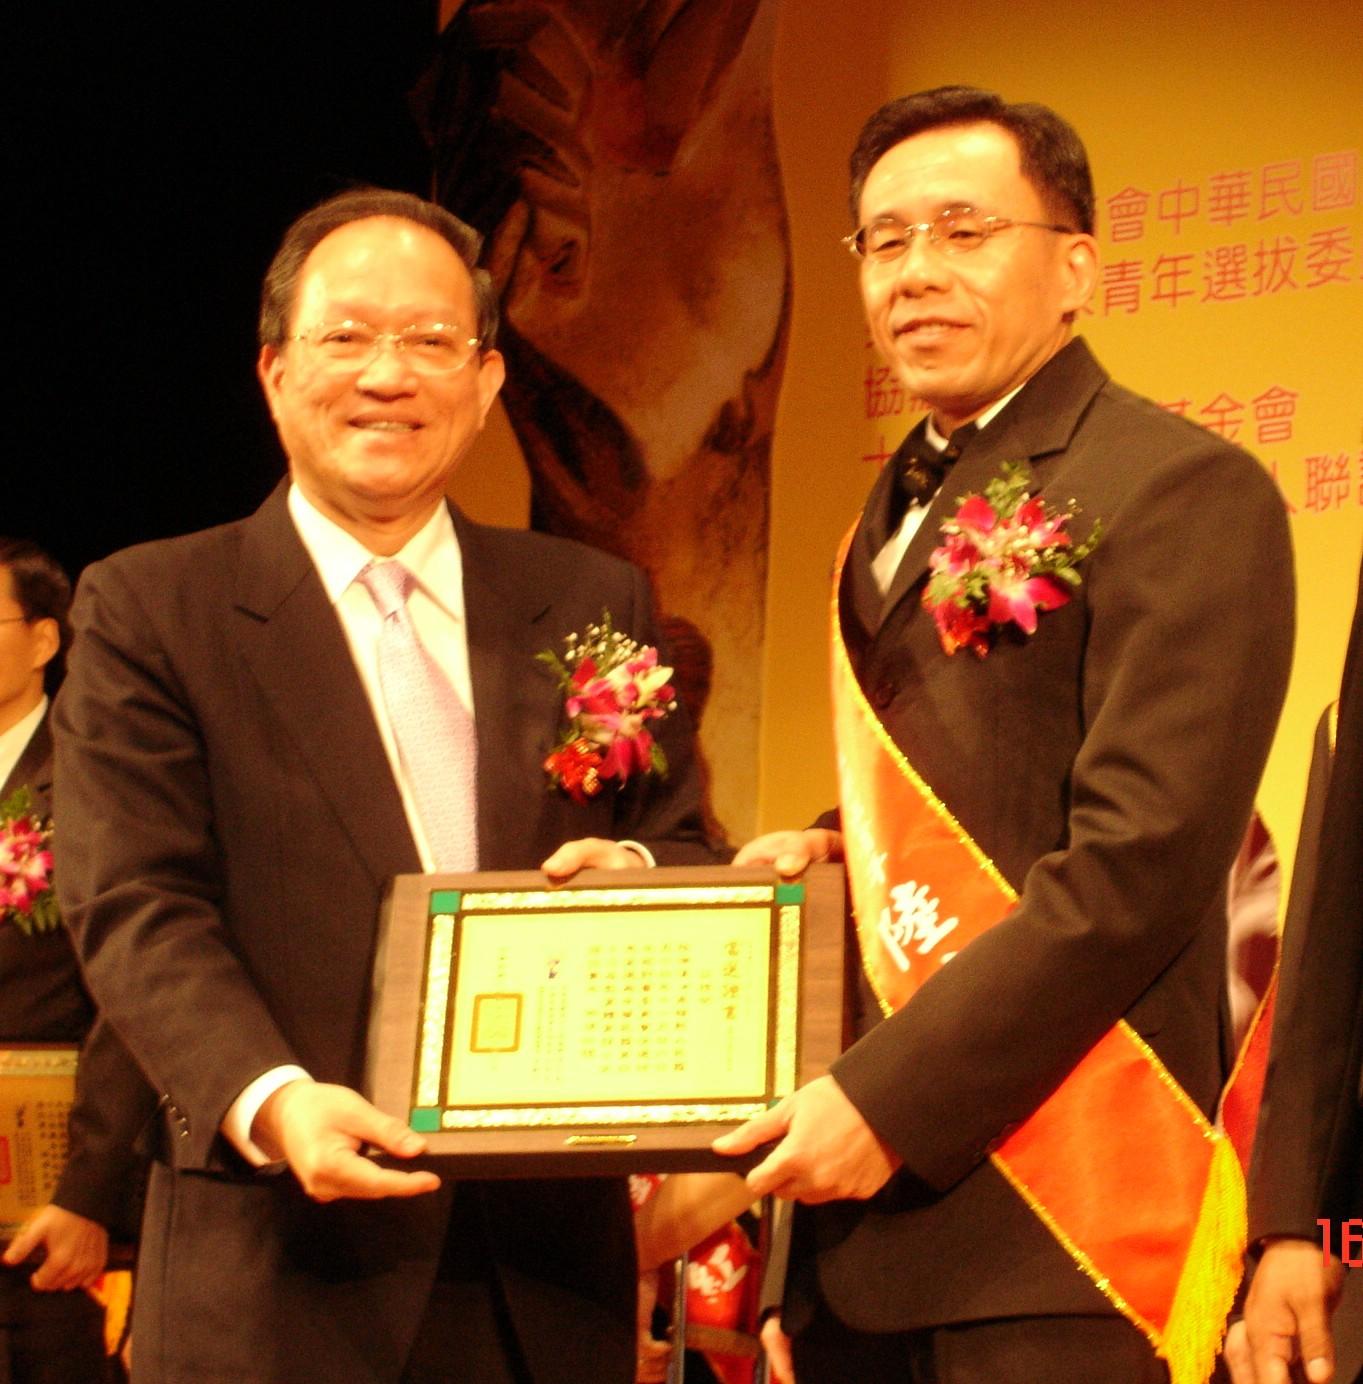 電子系陸瑞漢校友獲頒 中華民國第43屆十大傑出青年